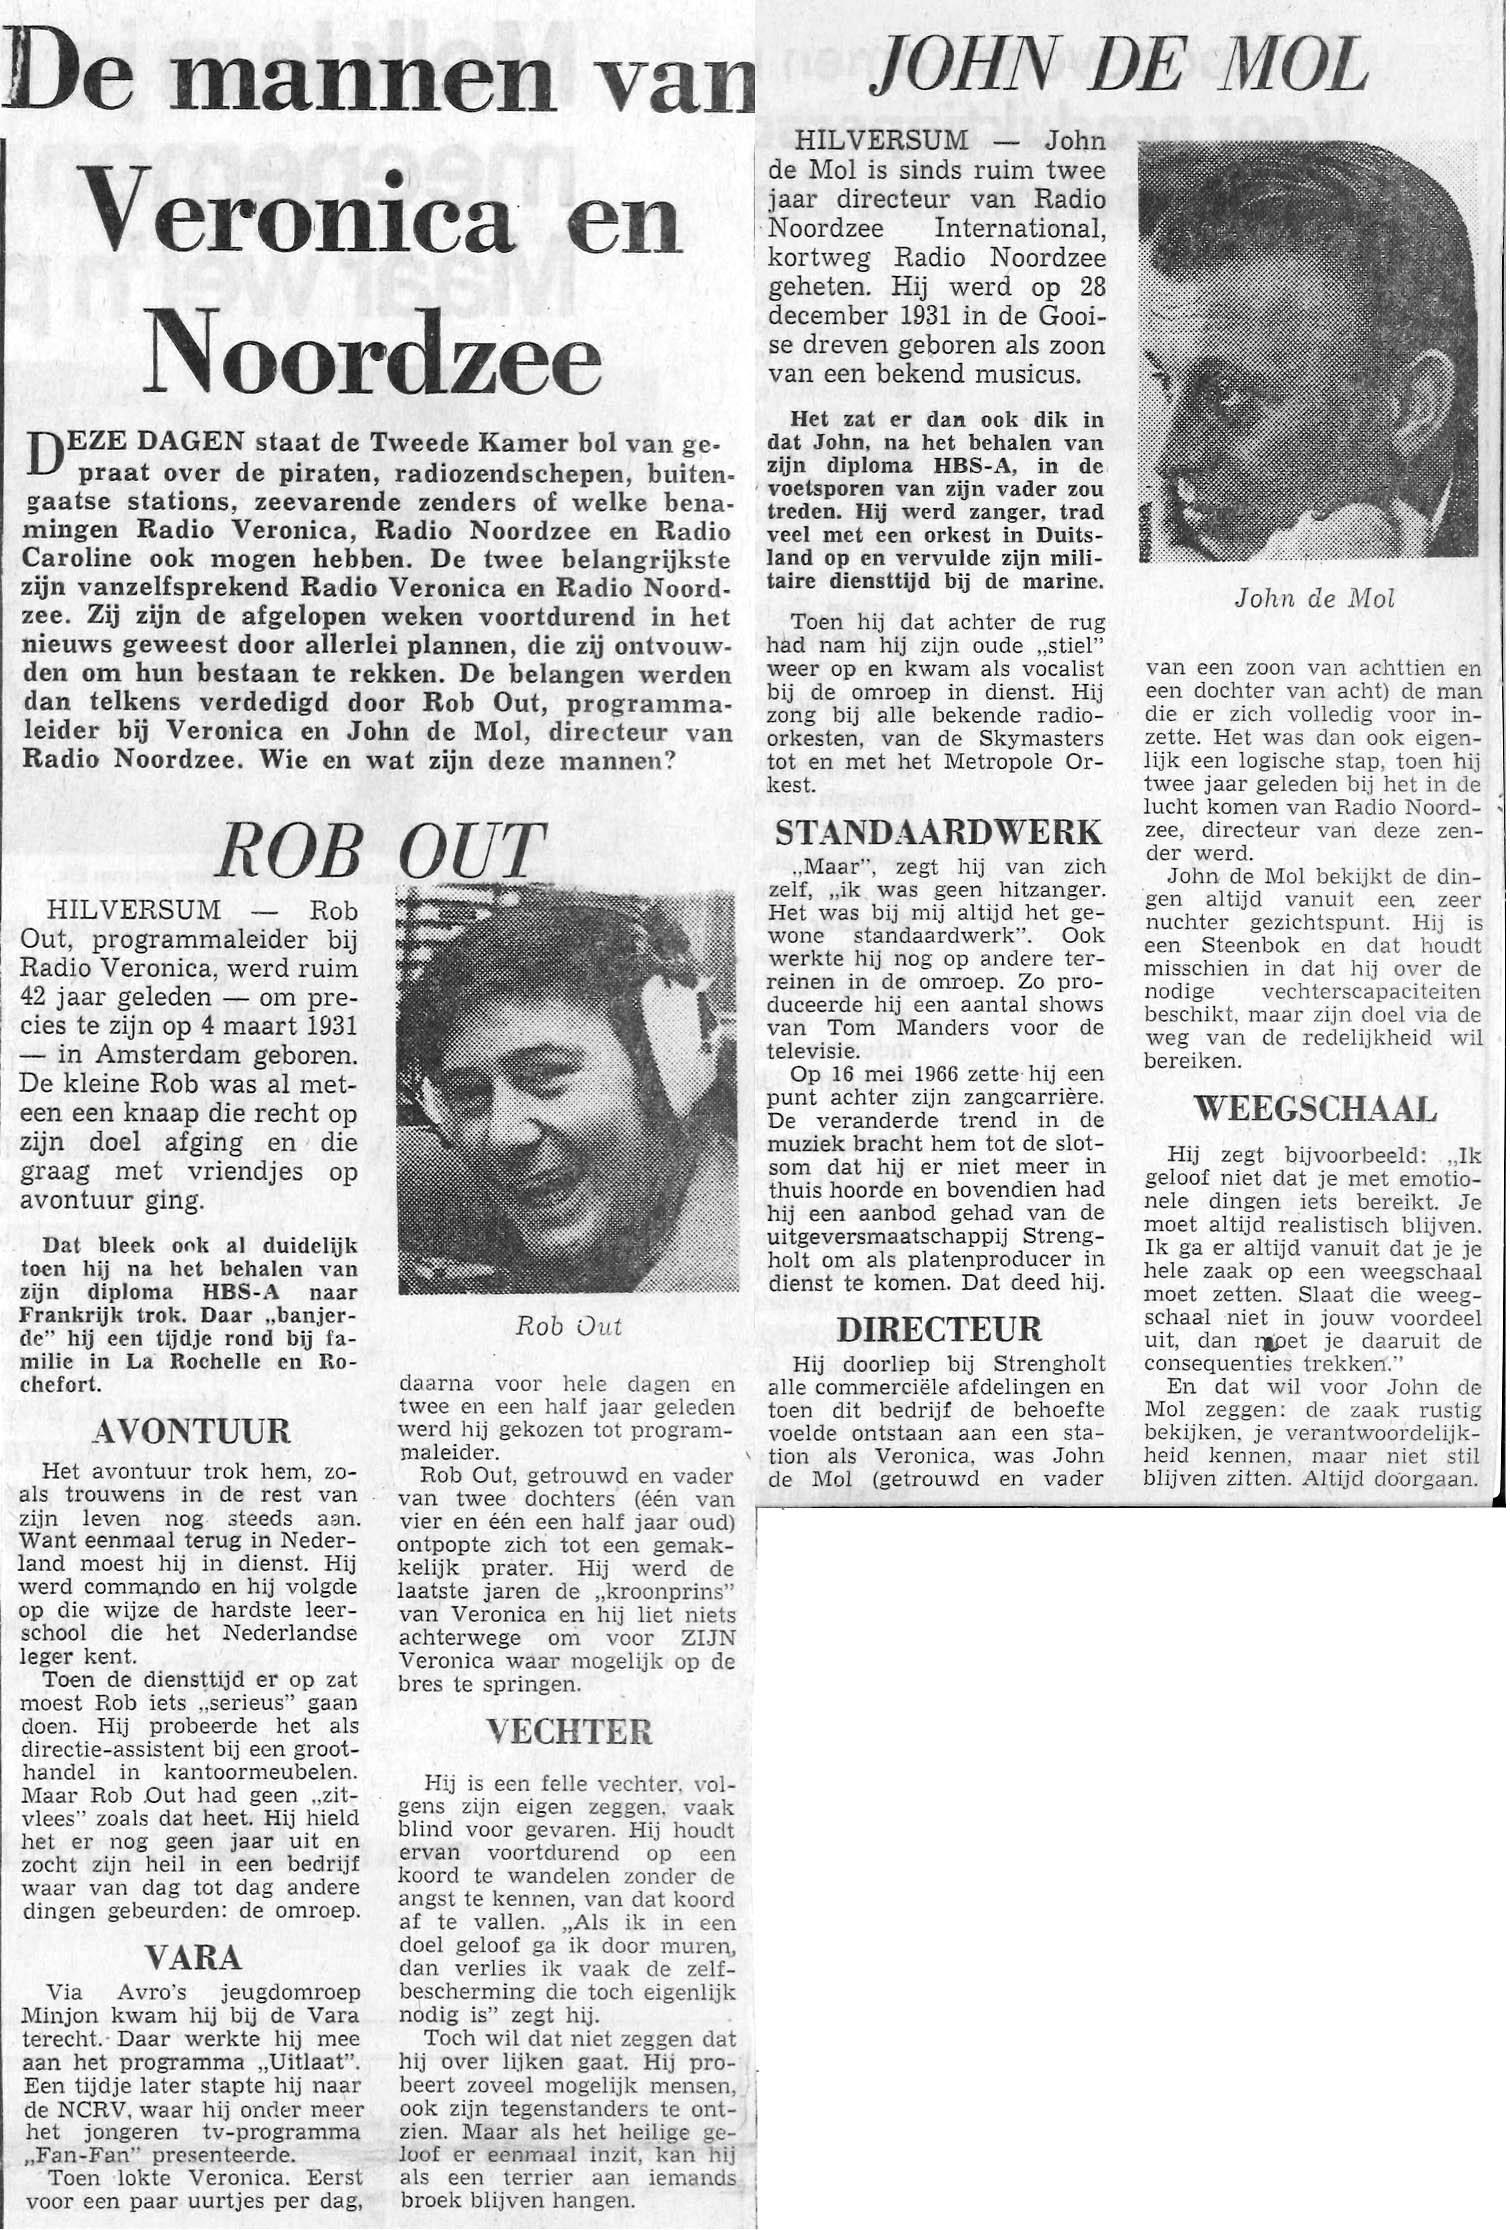 19730727_De_mannen_van_veronica_noordzee.jpg